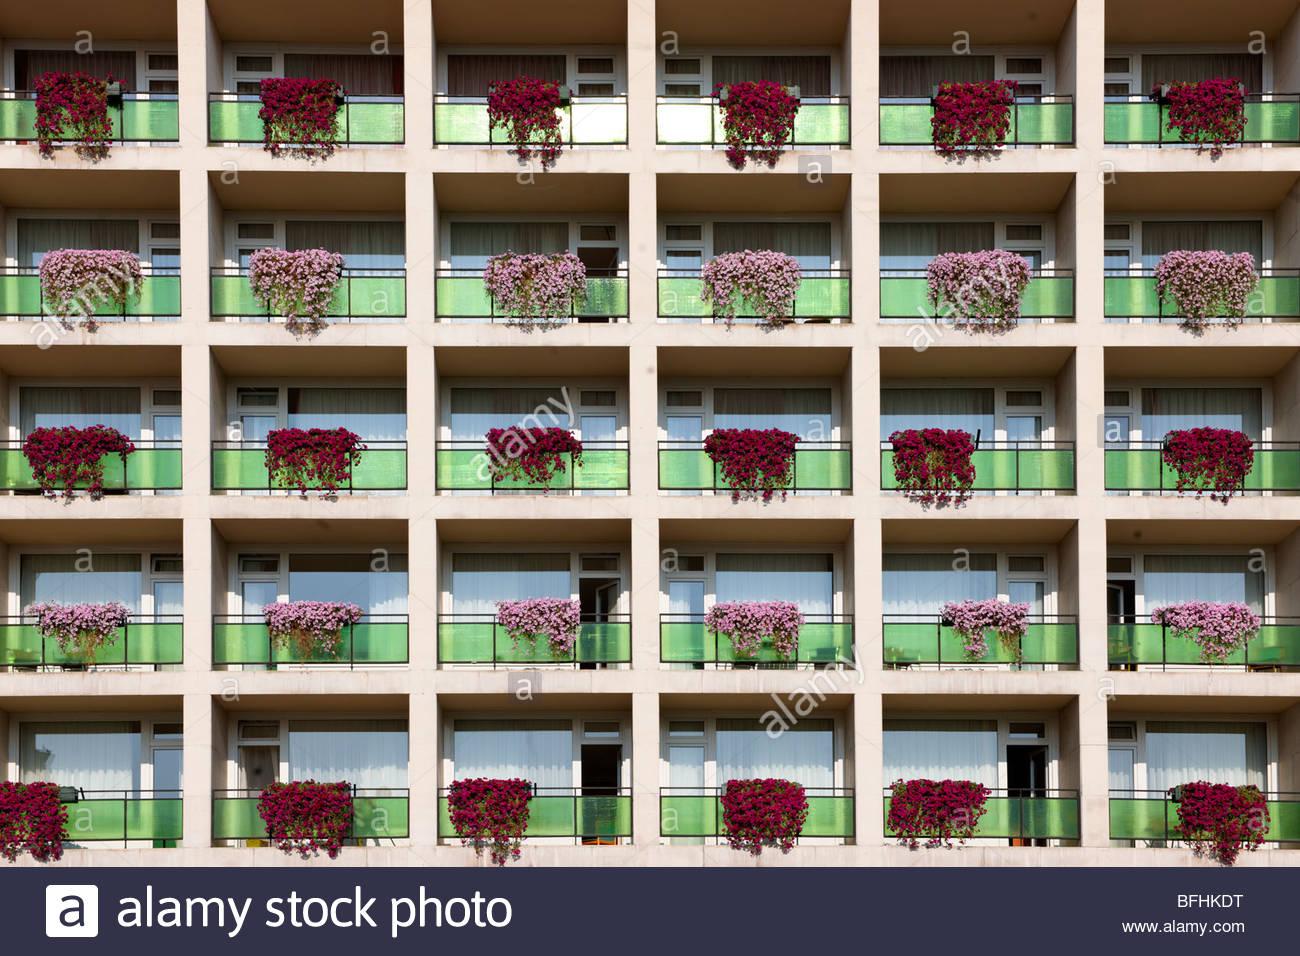 L'hôtel Aranyhomok ( architecture socialiste) , Kecskem t , Hongrie Photo Stock